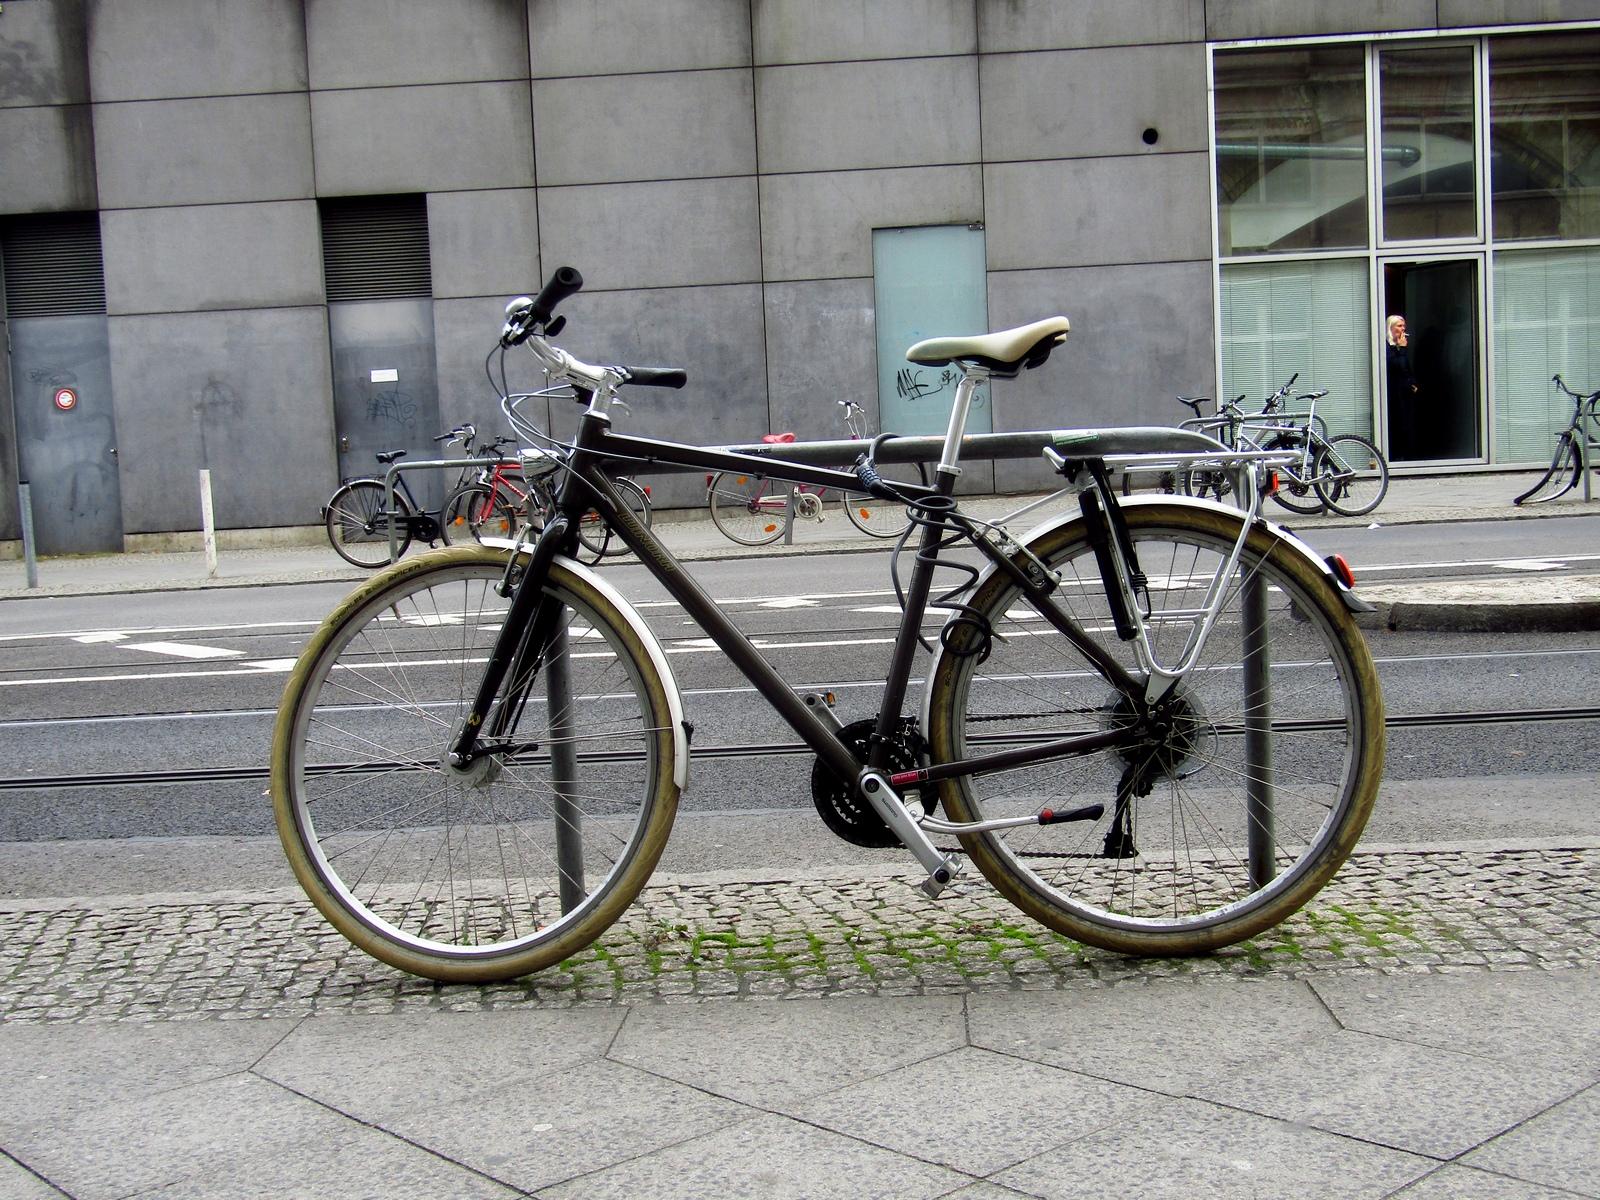 Велосипед, припаркований збоку будівлі